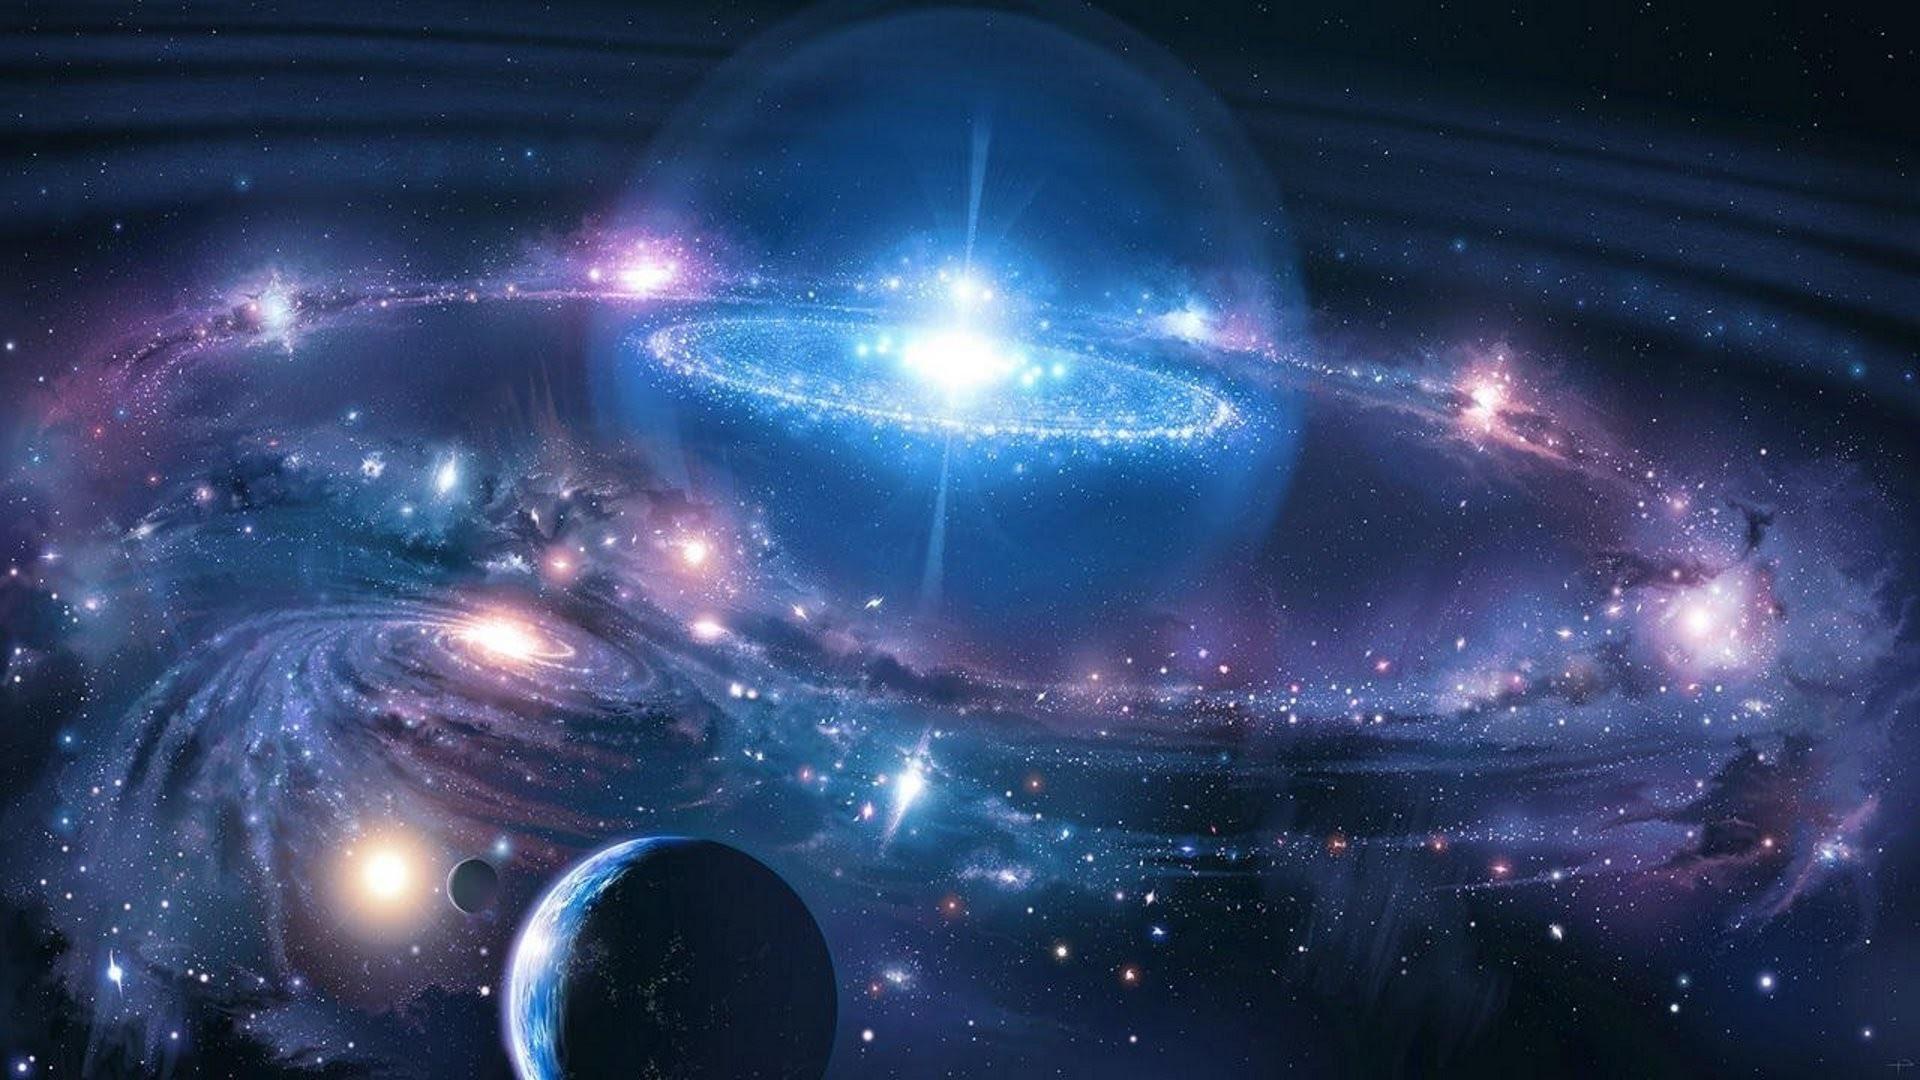 ВКосмосе есть органические вещества— Ученые